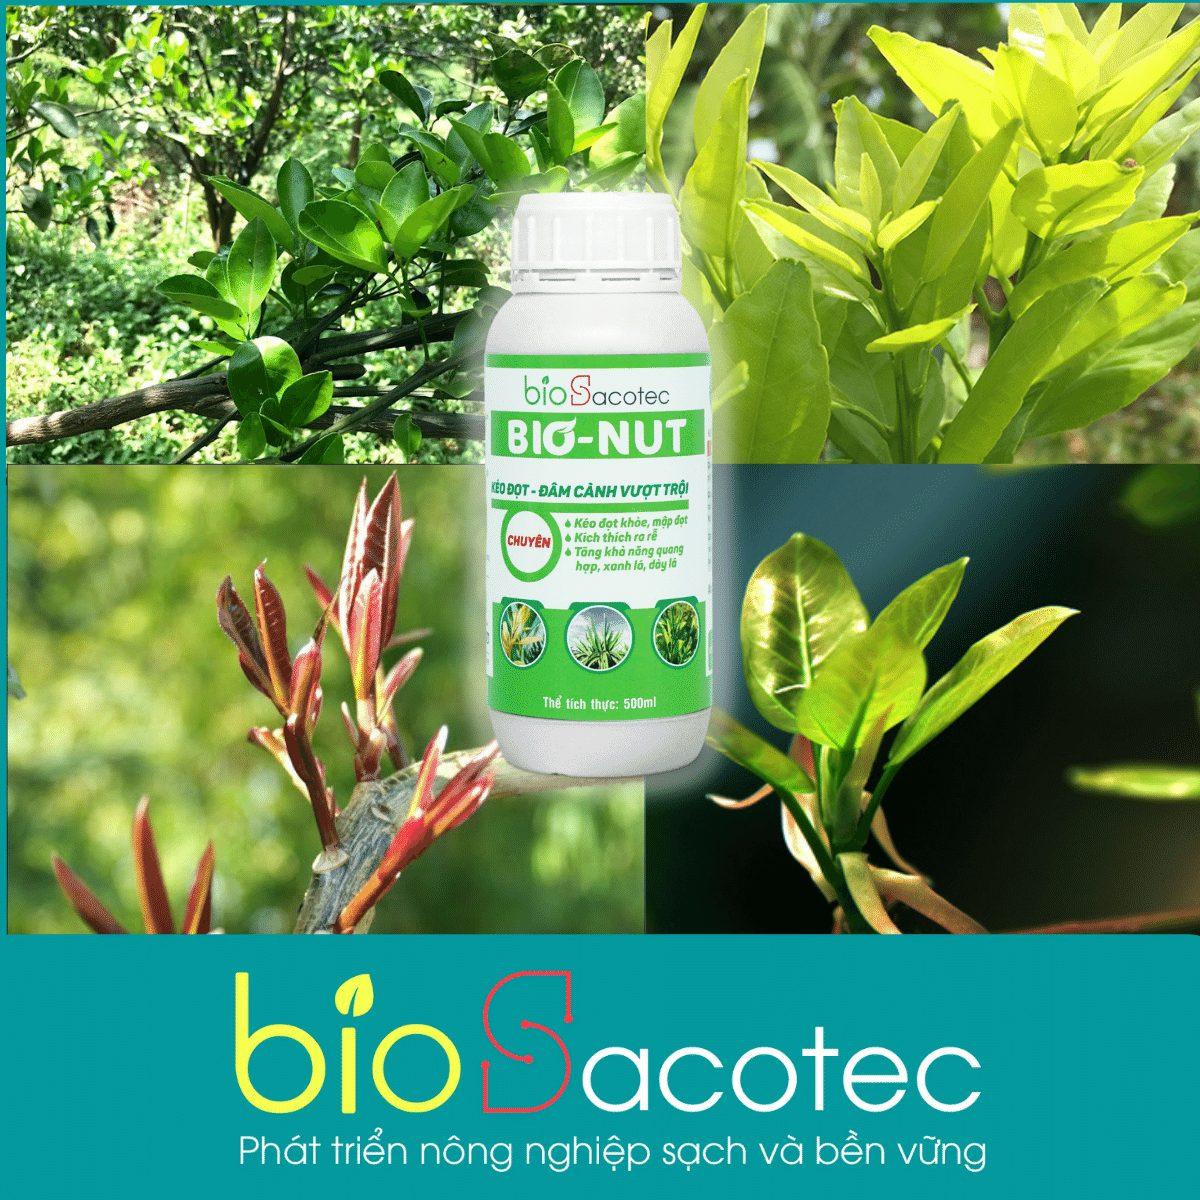 Dinh dưỡng hữu cơ Bio Nut - sản phẩm kéo đọt khoẻ, mập đọt, kích thích ra rễ, tăng khả năng quang hợp, xanh lá, dày lá,...